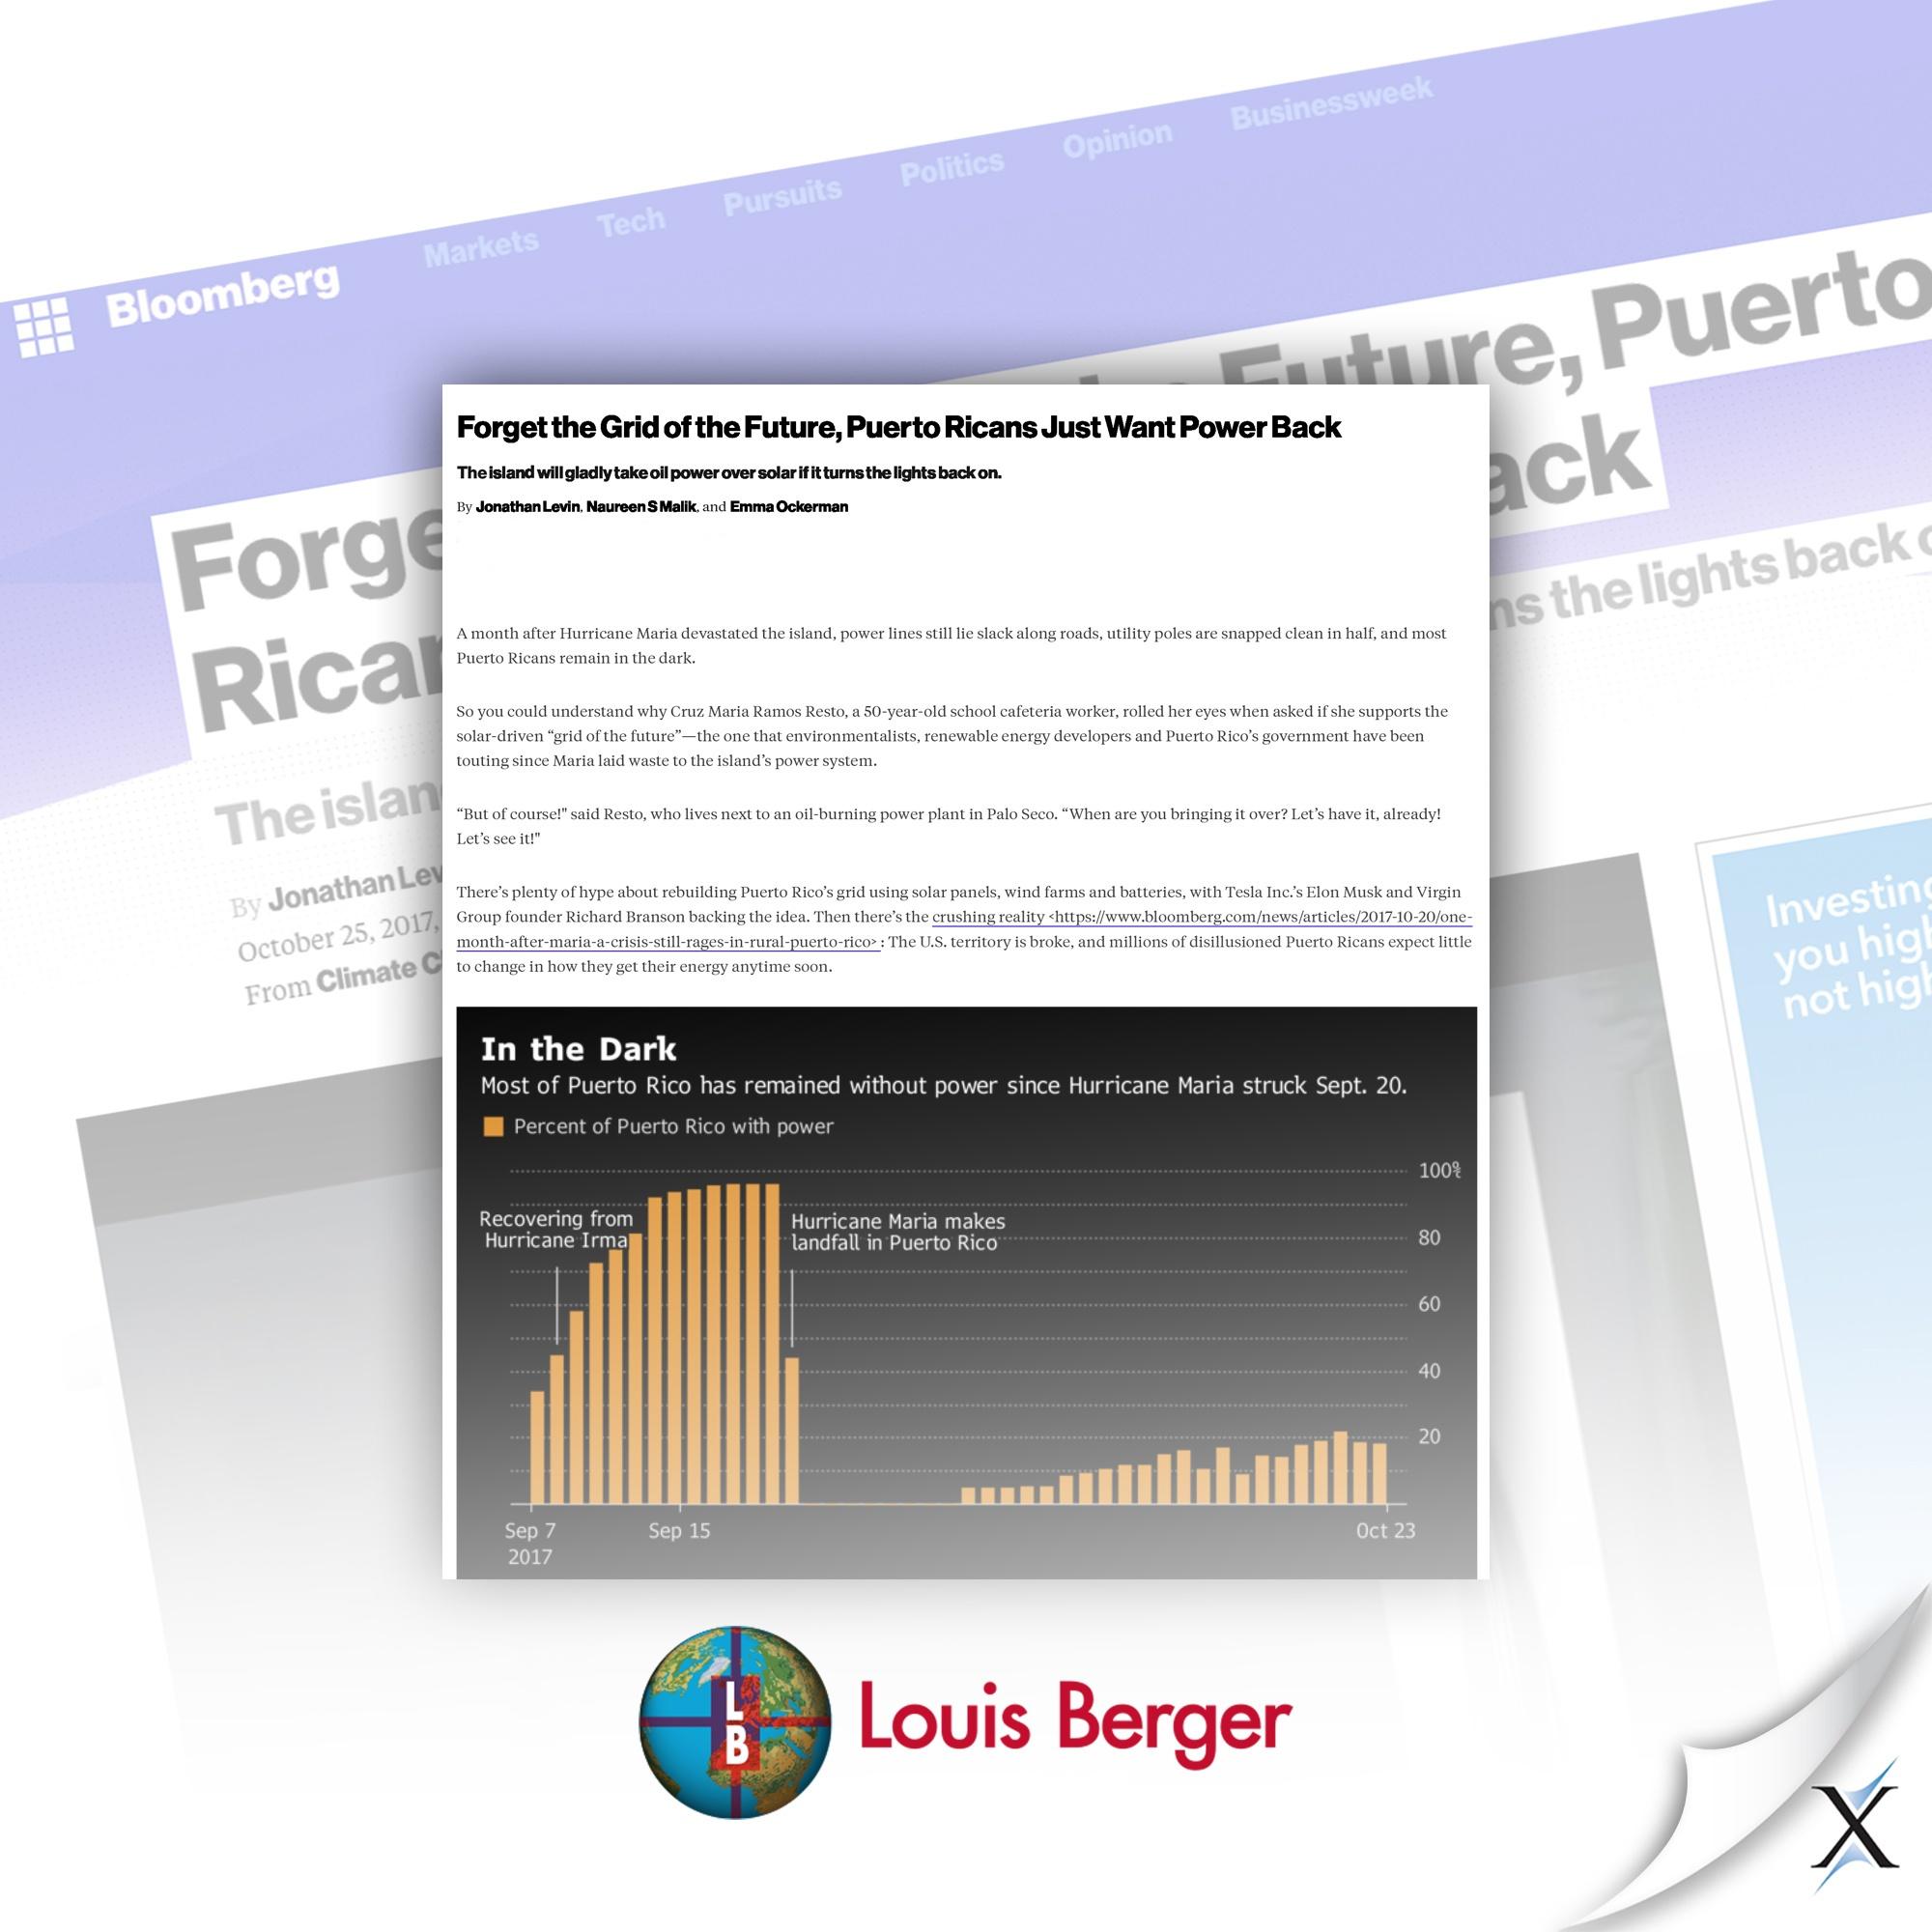 Louis Berger Bloomberg Portfolio clip